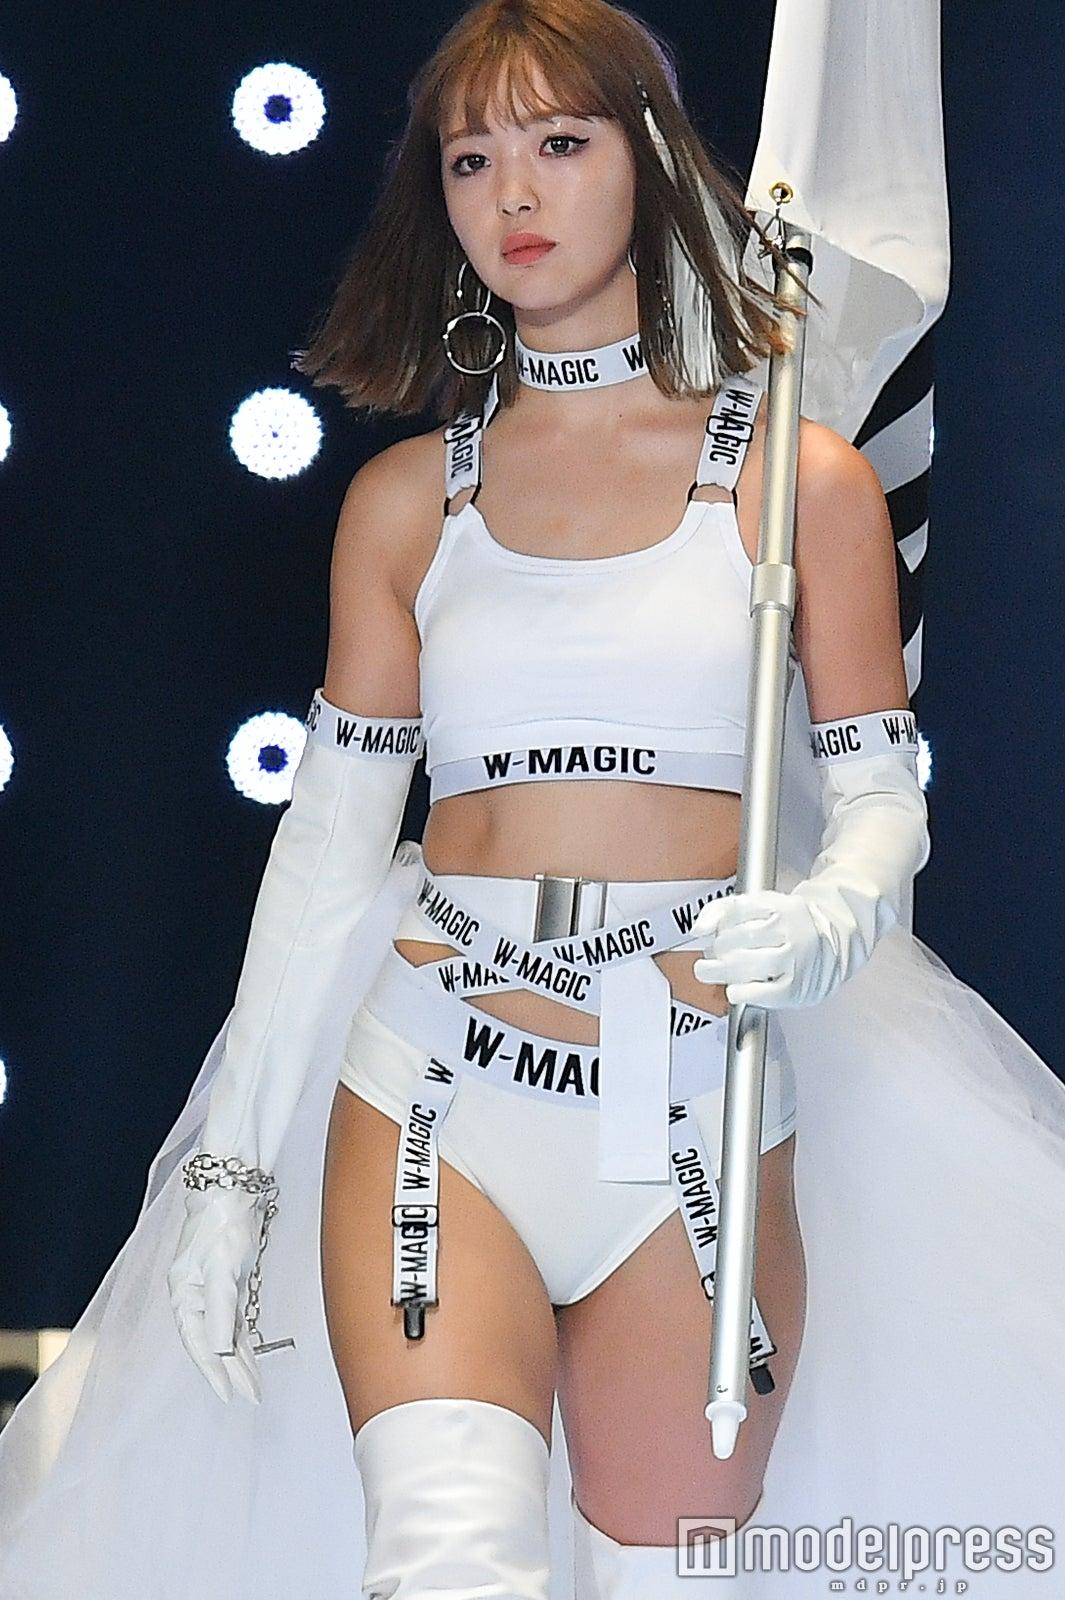 【モデル】「TGC2019」藤田ニコル、「W-MAGIC」のハイレグアンダーウェア 美ボディ大胆披露でランウェイ